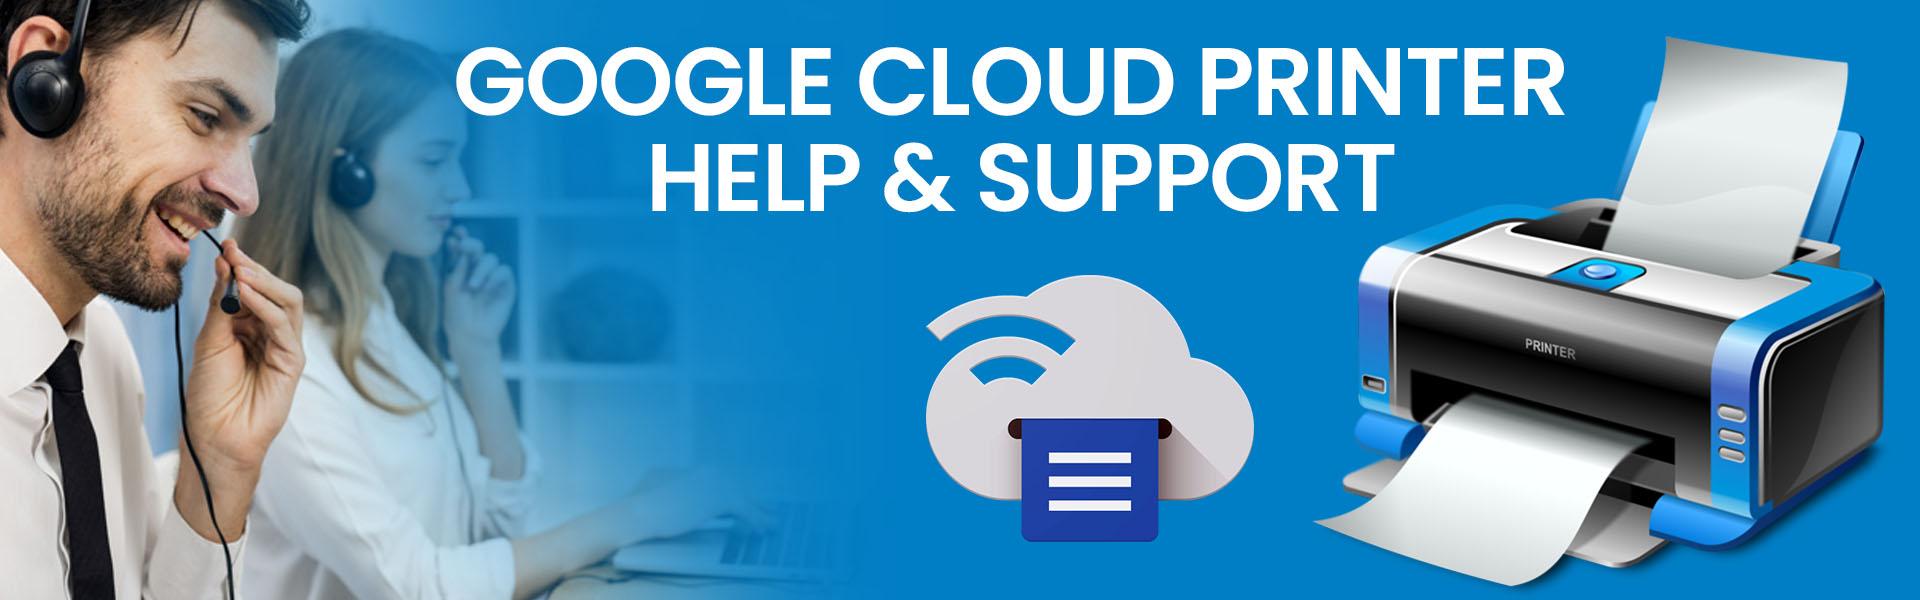 google cloud printer help support